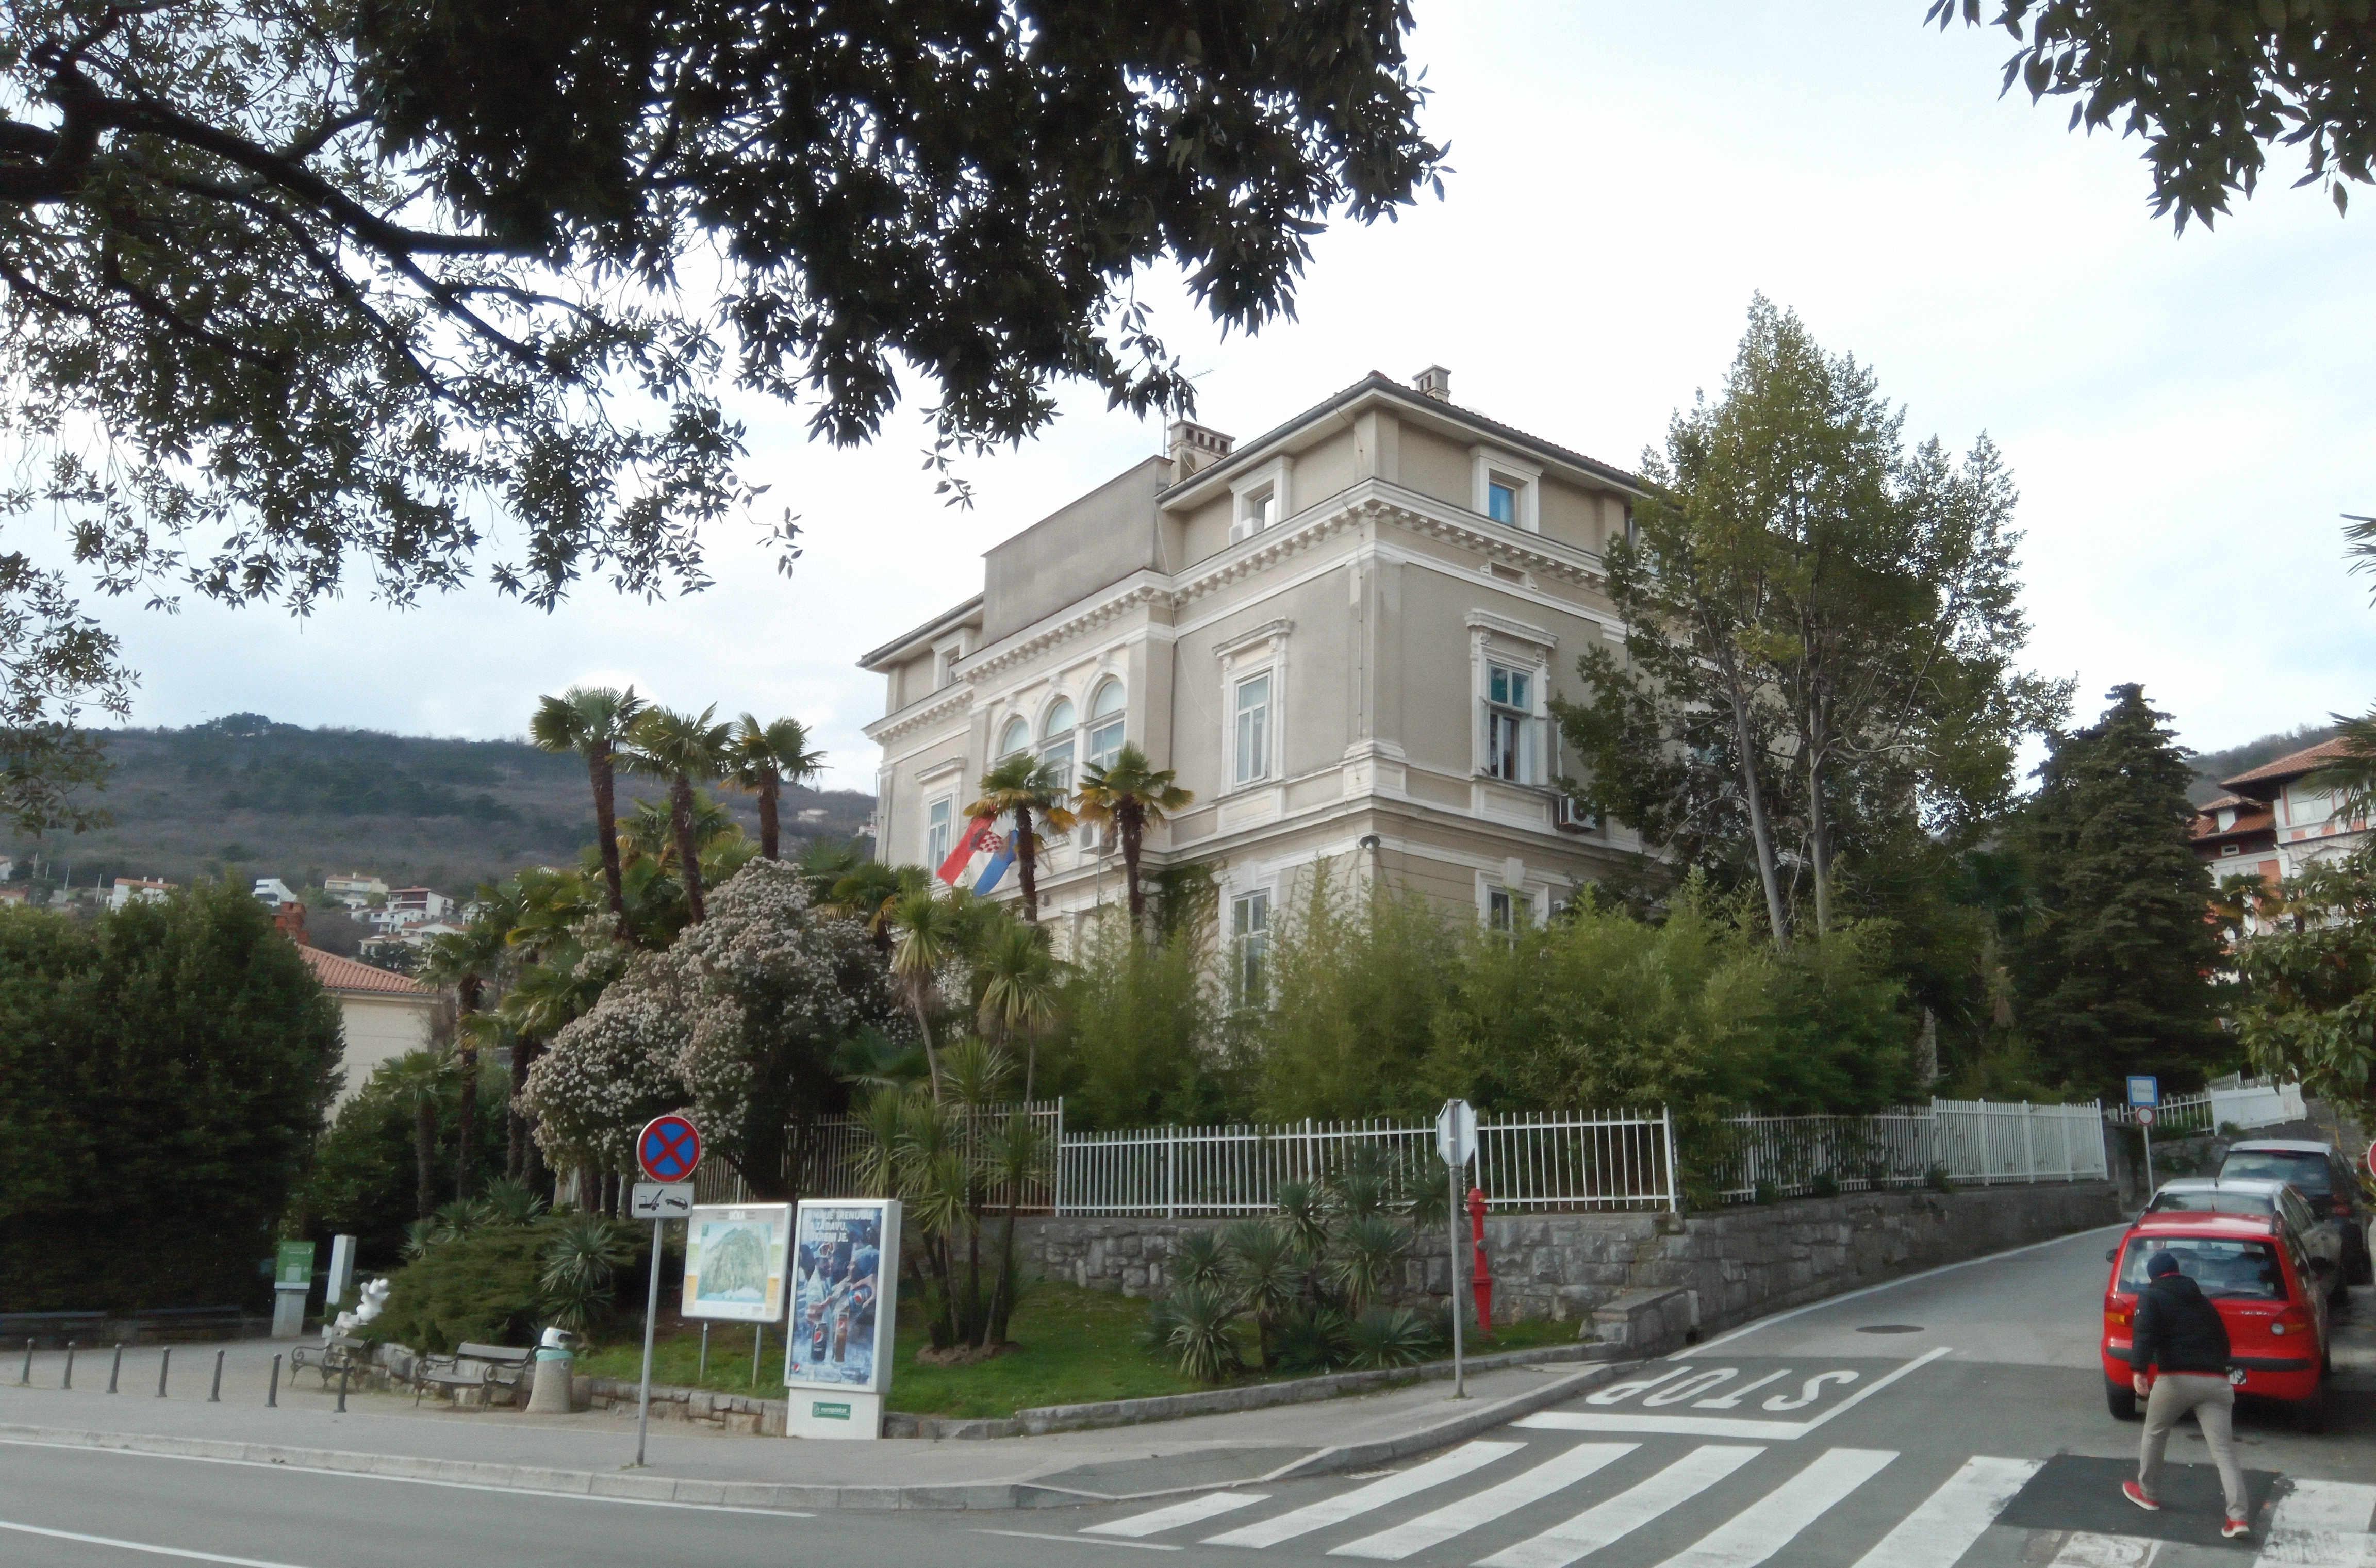 Velika vila Keglevish iz koje je nedavno iselila opatijska policija, snimio Marin ANIČIĆ